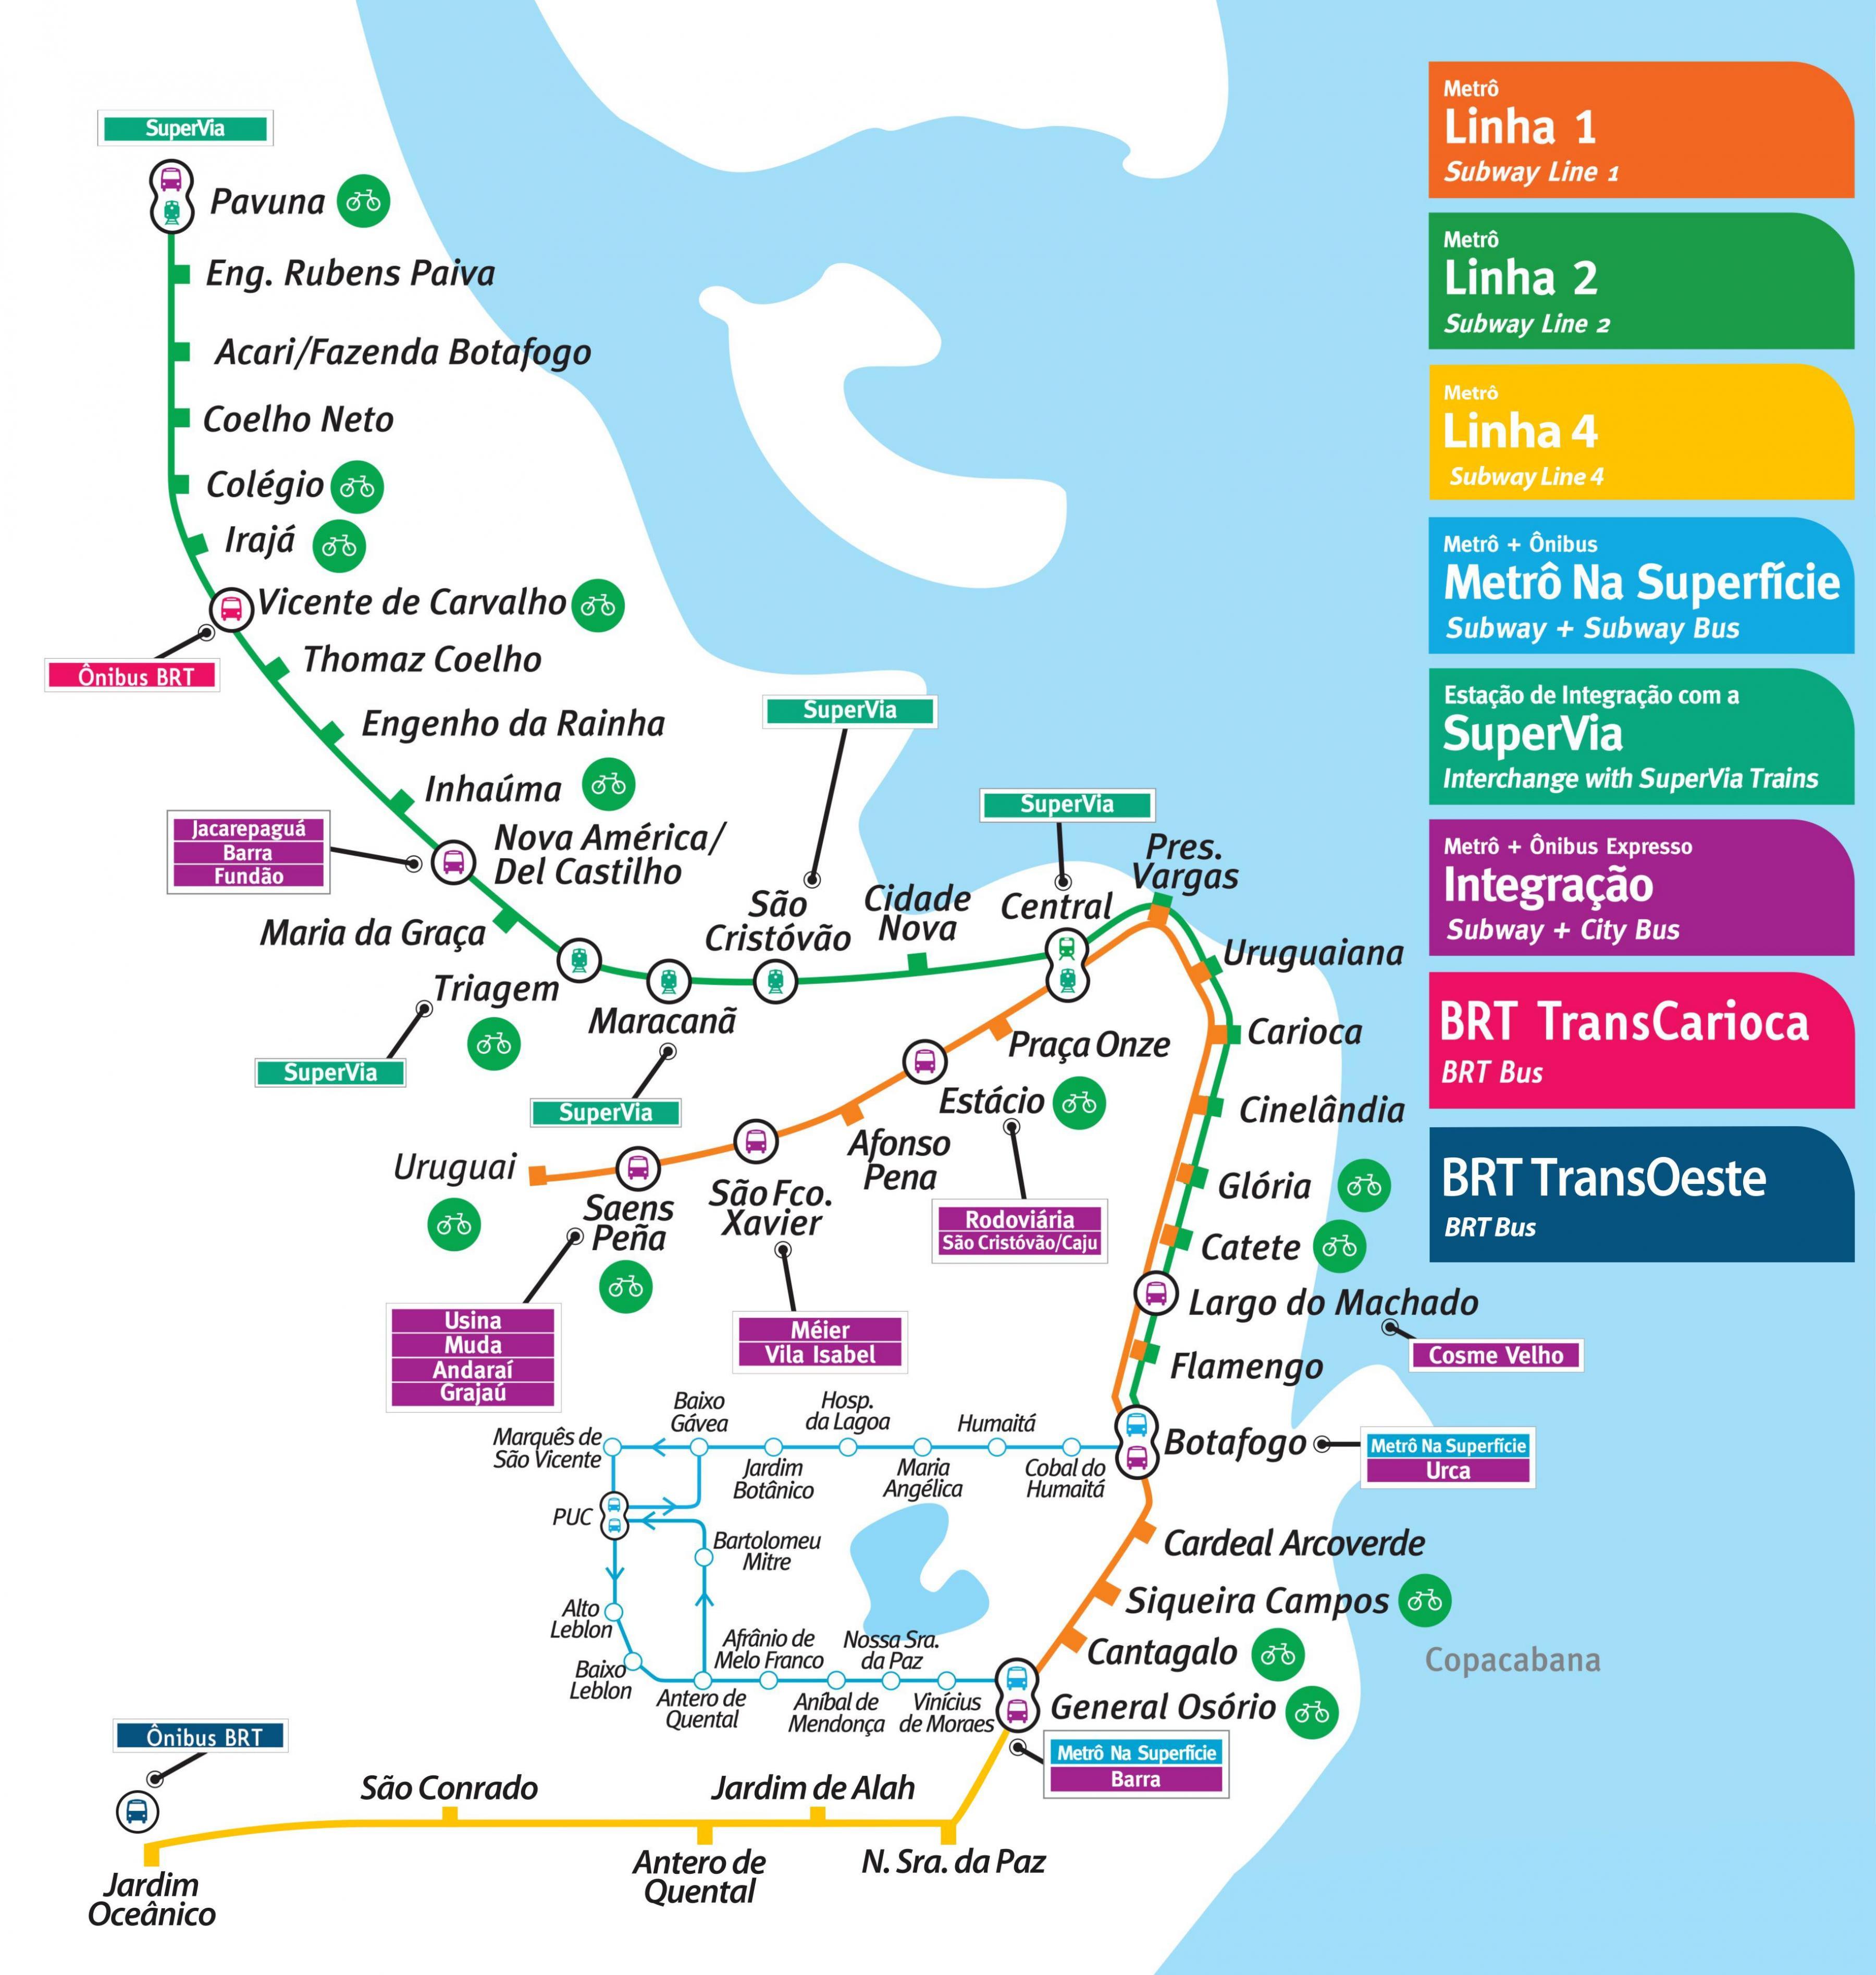 karta rio Rio de Janeiro subway karta   Karta över Rio de Janeiro subway  karta rio